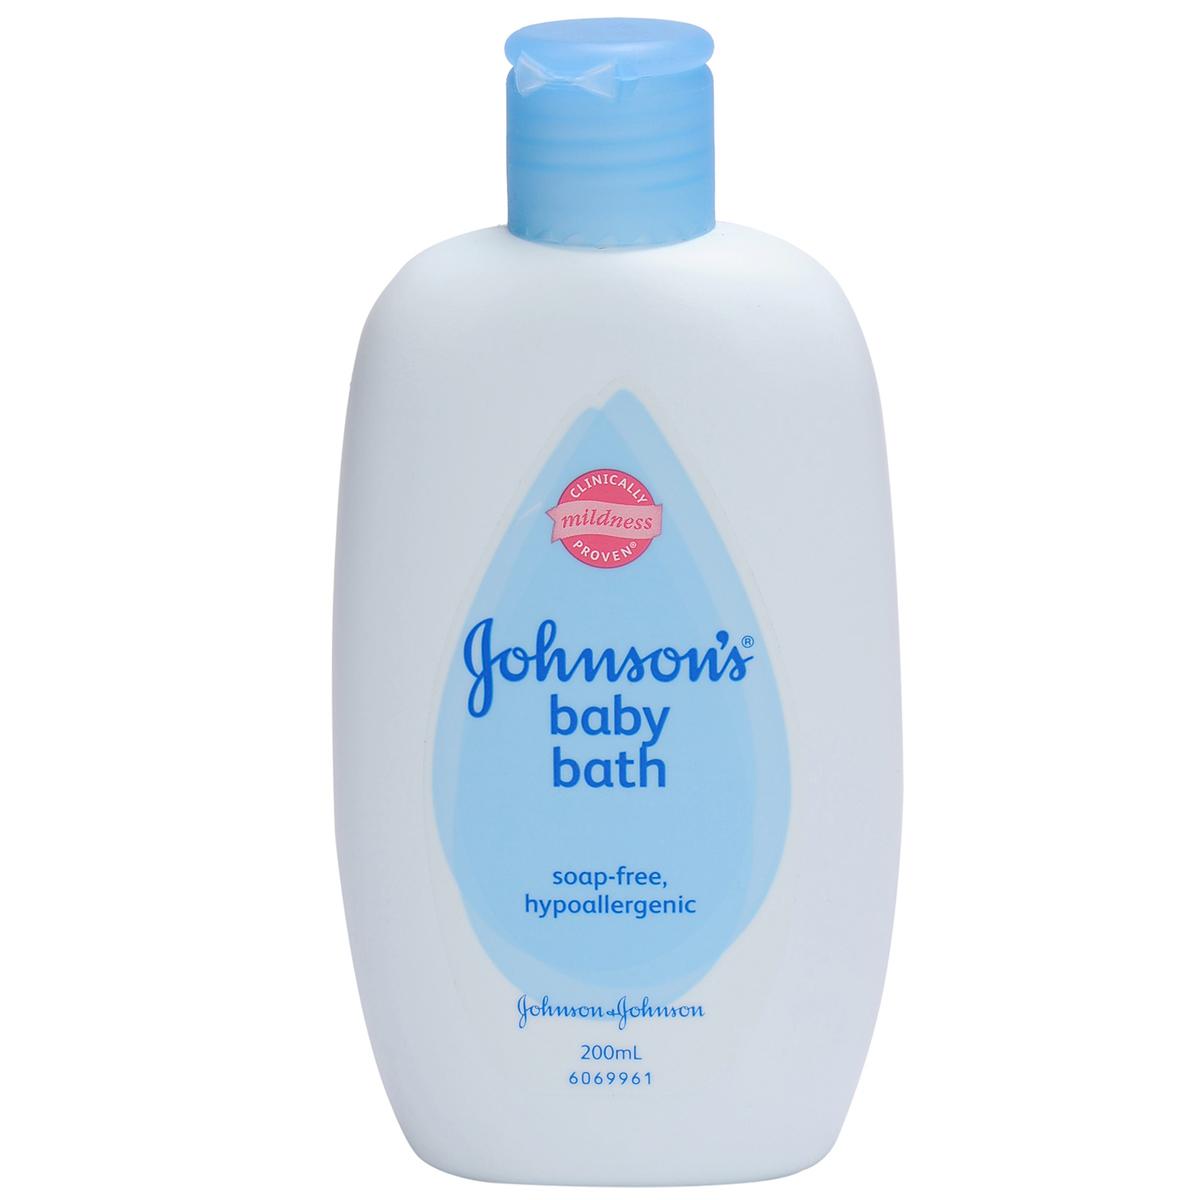 Sua tam Johnson baby chua sua 200ml